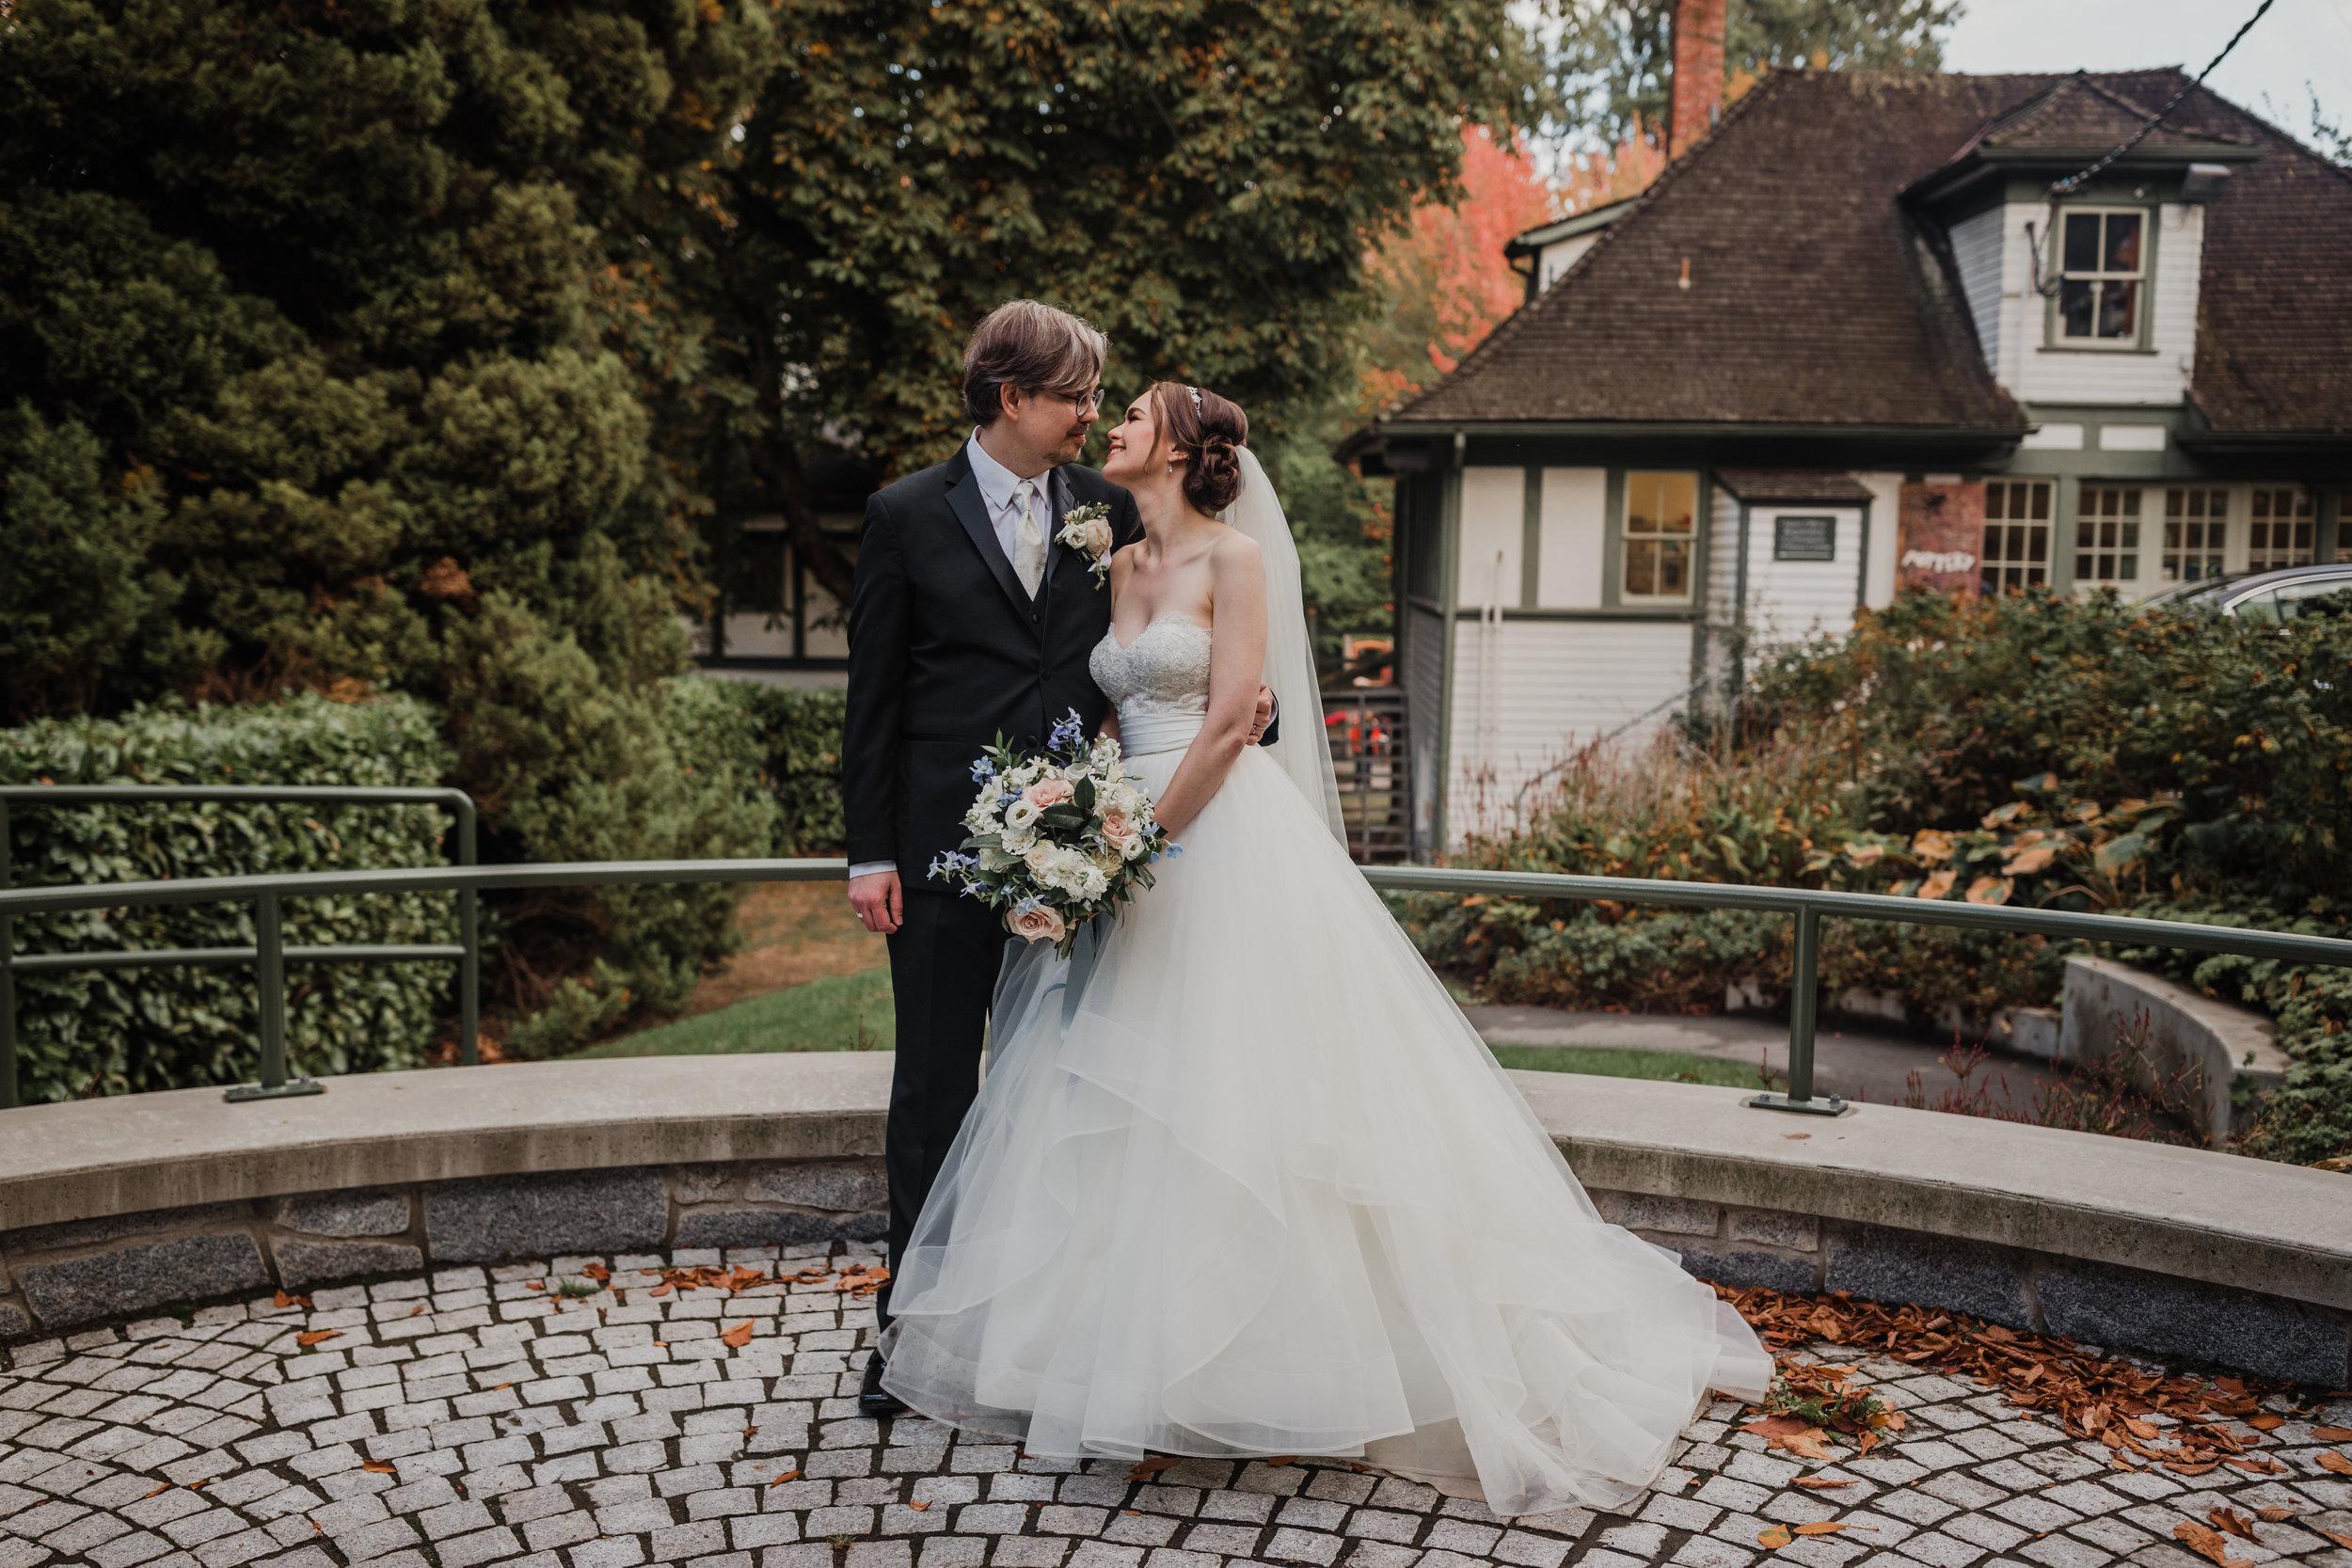 Aberthau Wedding Photos — Point Grey Community Centre Wedding